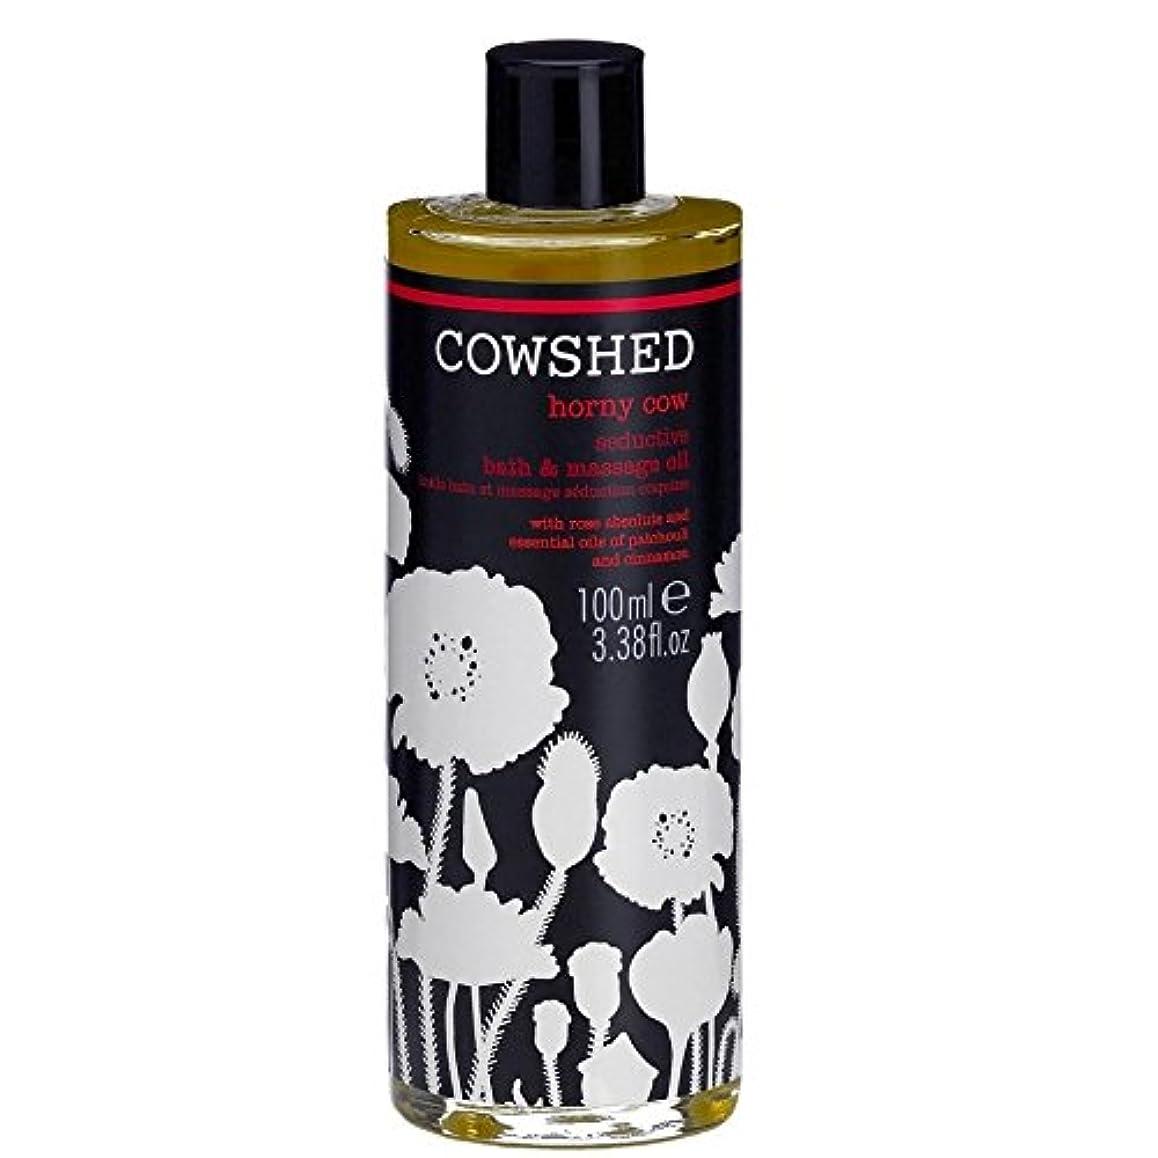 高さミケランジェロ接触牛舎角質牛魅惑的なバス、ボディオイル100ミリリットル x2 - Cowshed Horny Cow Seductive Bath and Body Oil 100ml (Pack of 2) [並行輸入品]